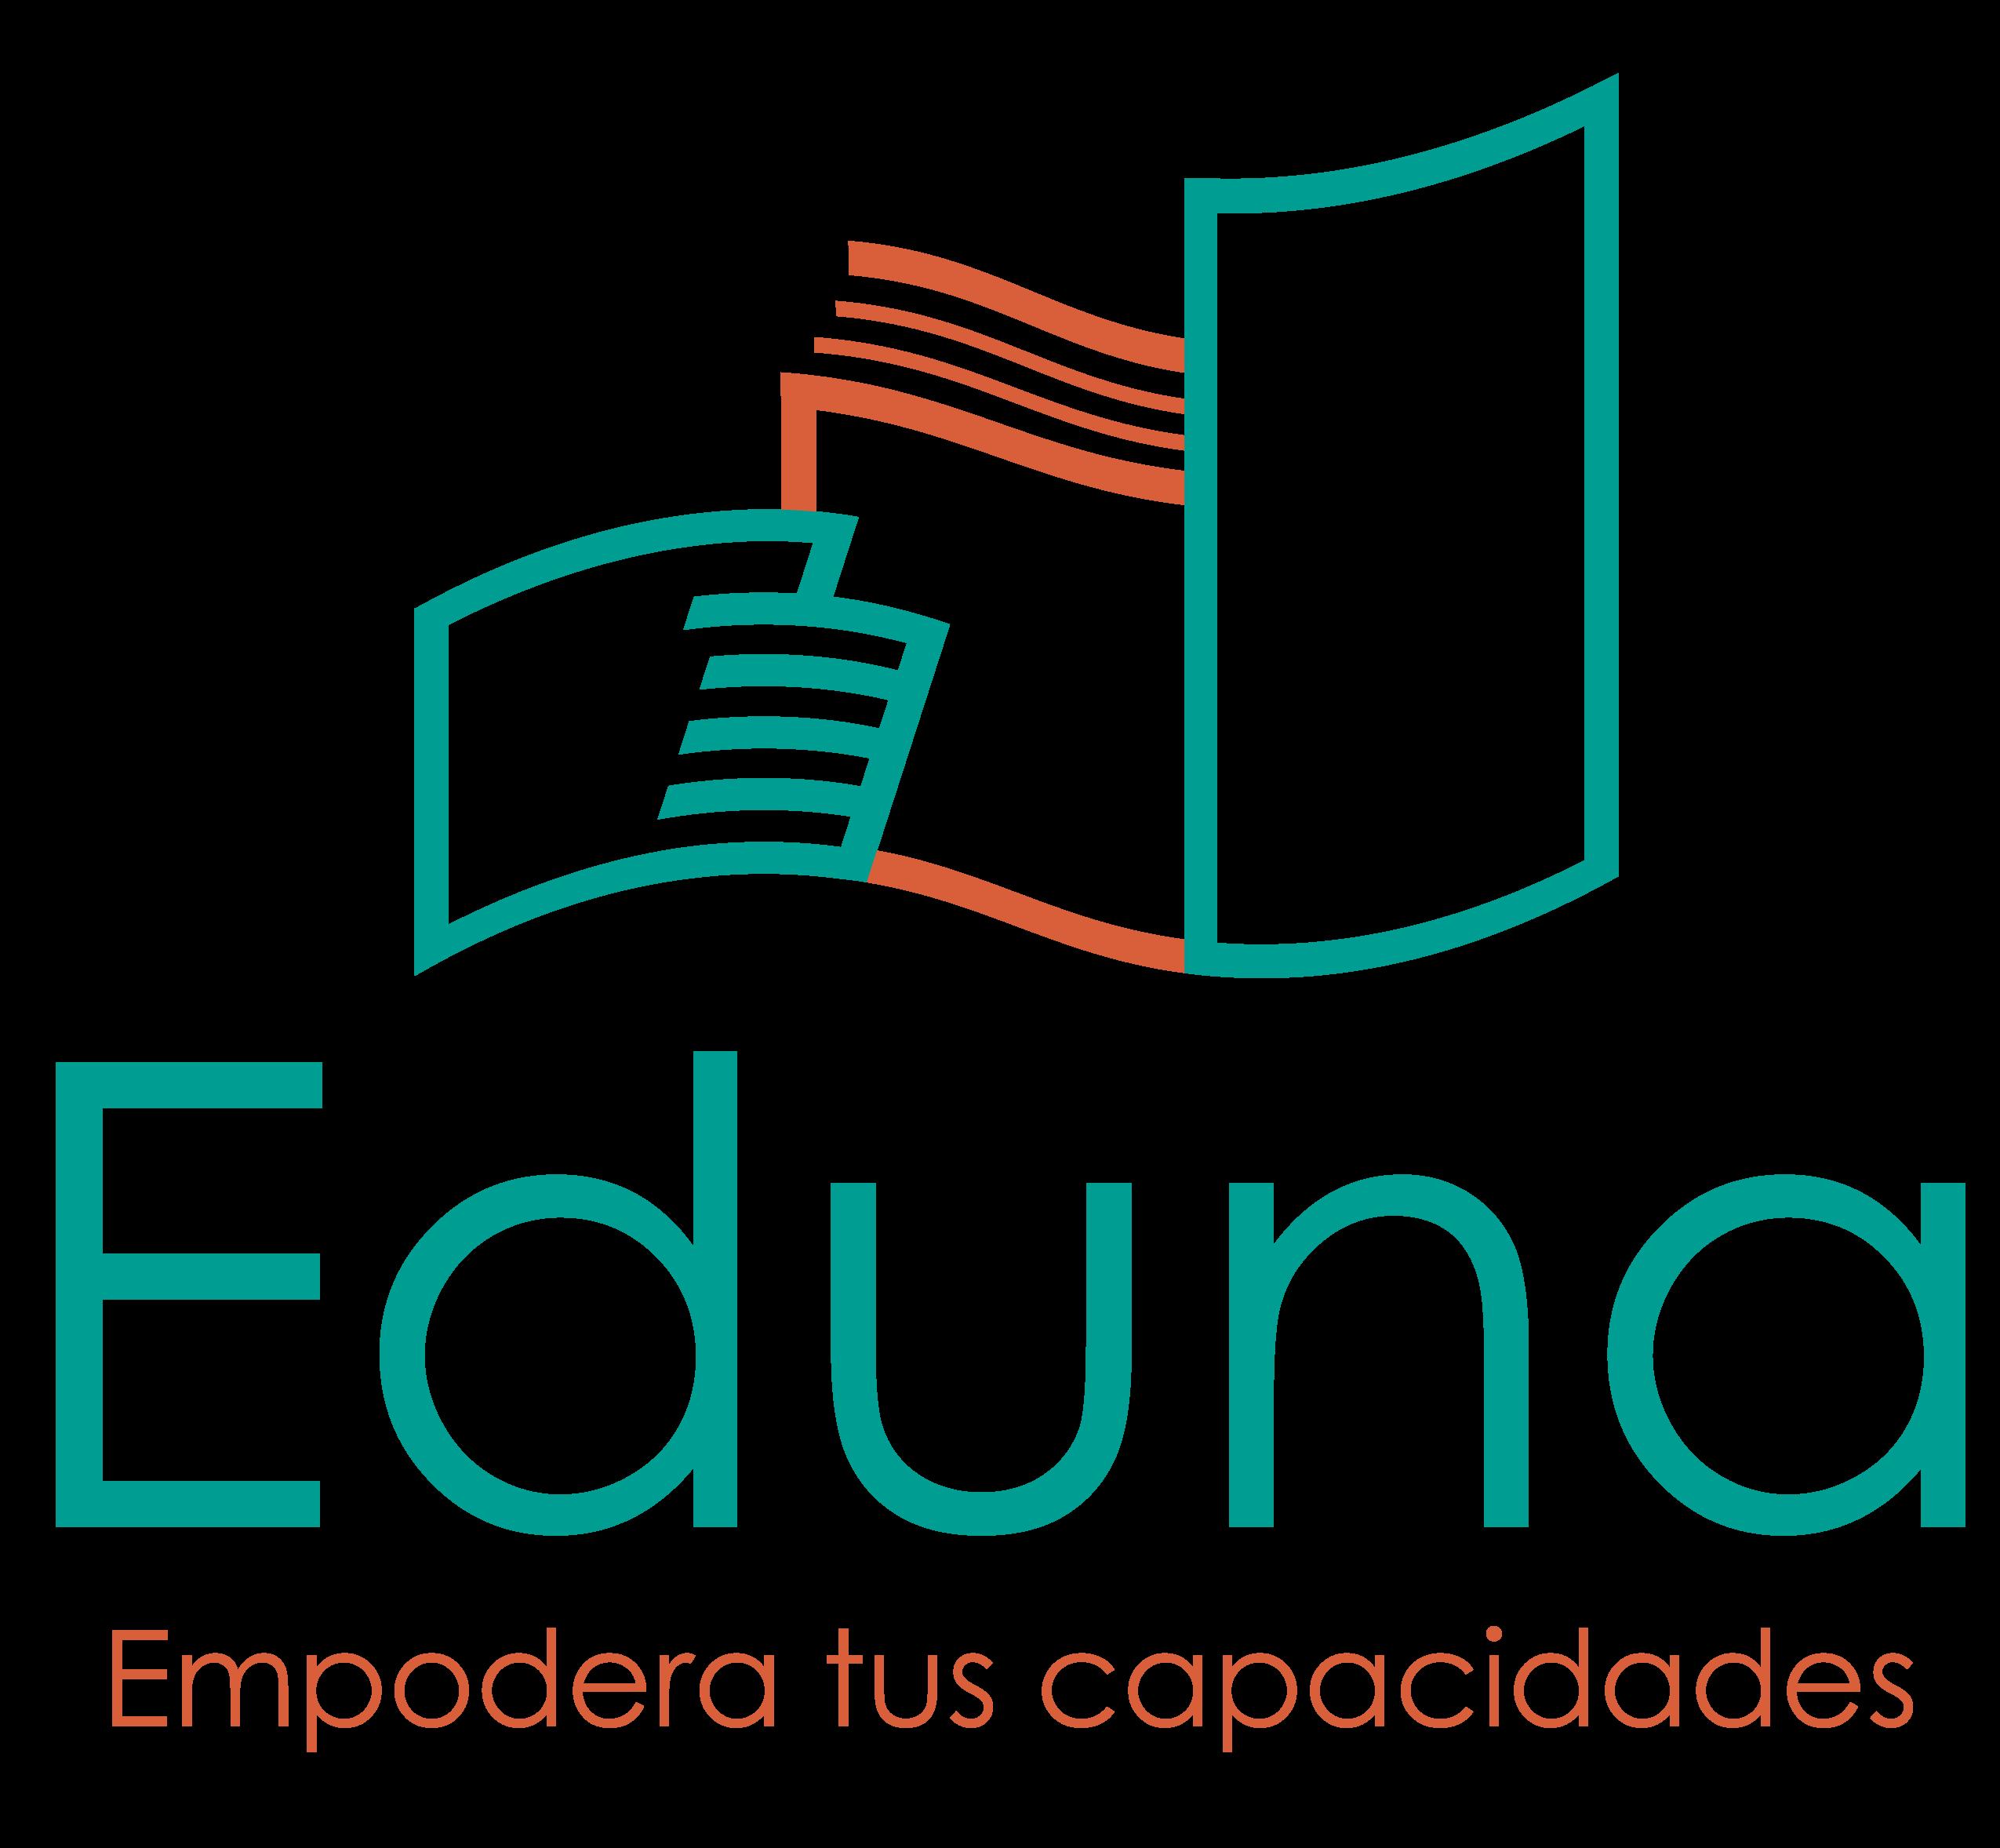 Eduna.org